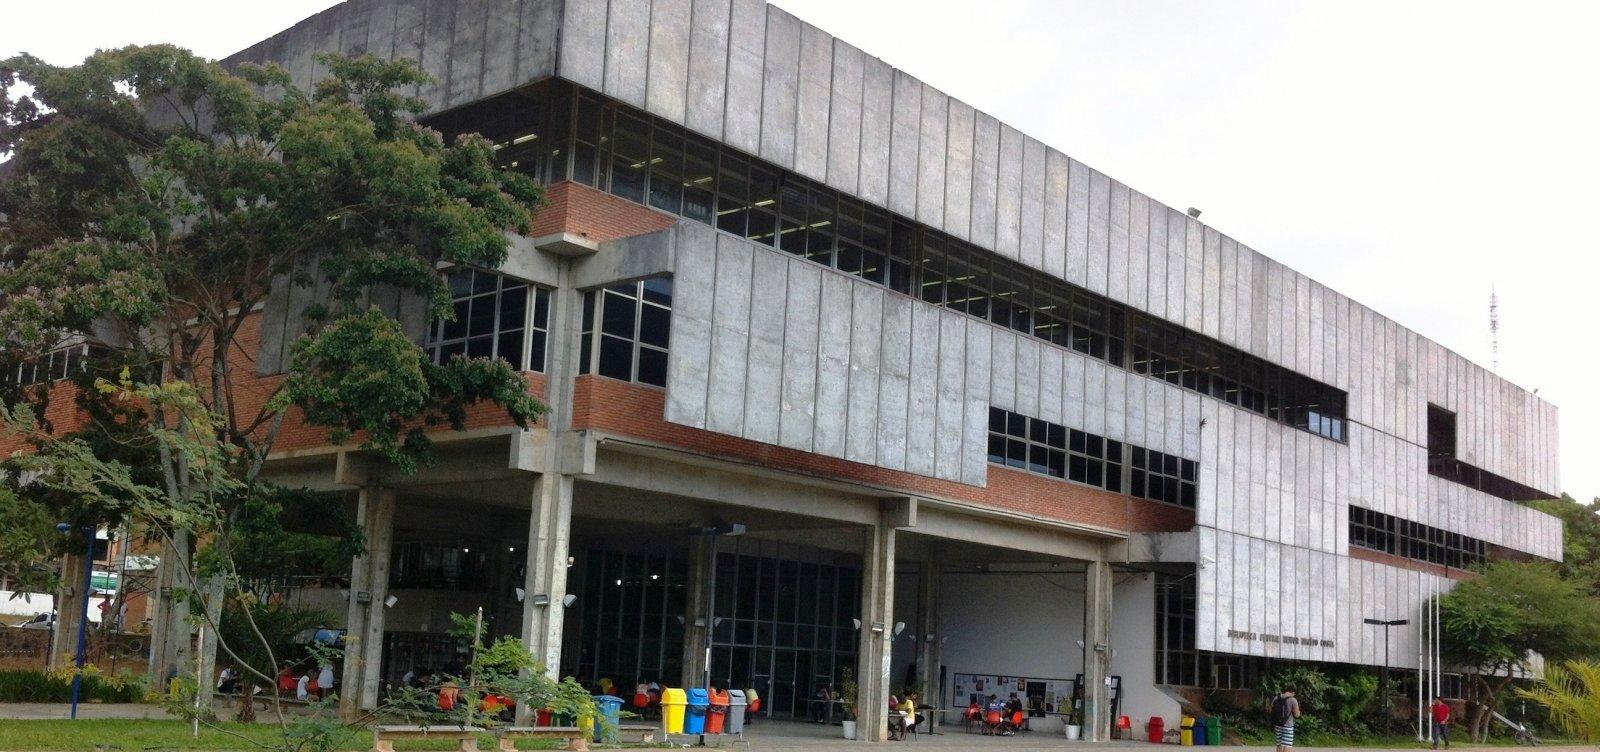 [Bibliotecas da Ufba passam a fechar mais cedo e deixam de abrir aos fins de semana]